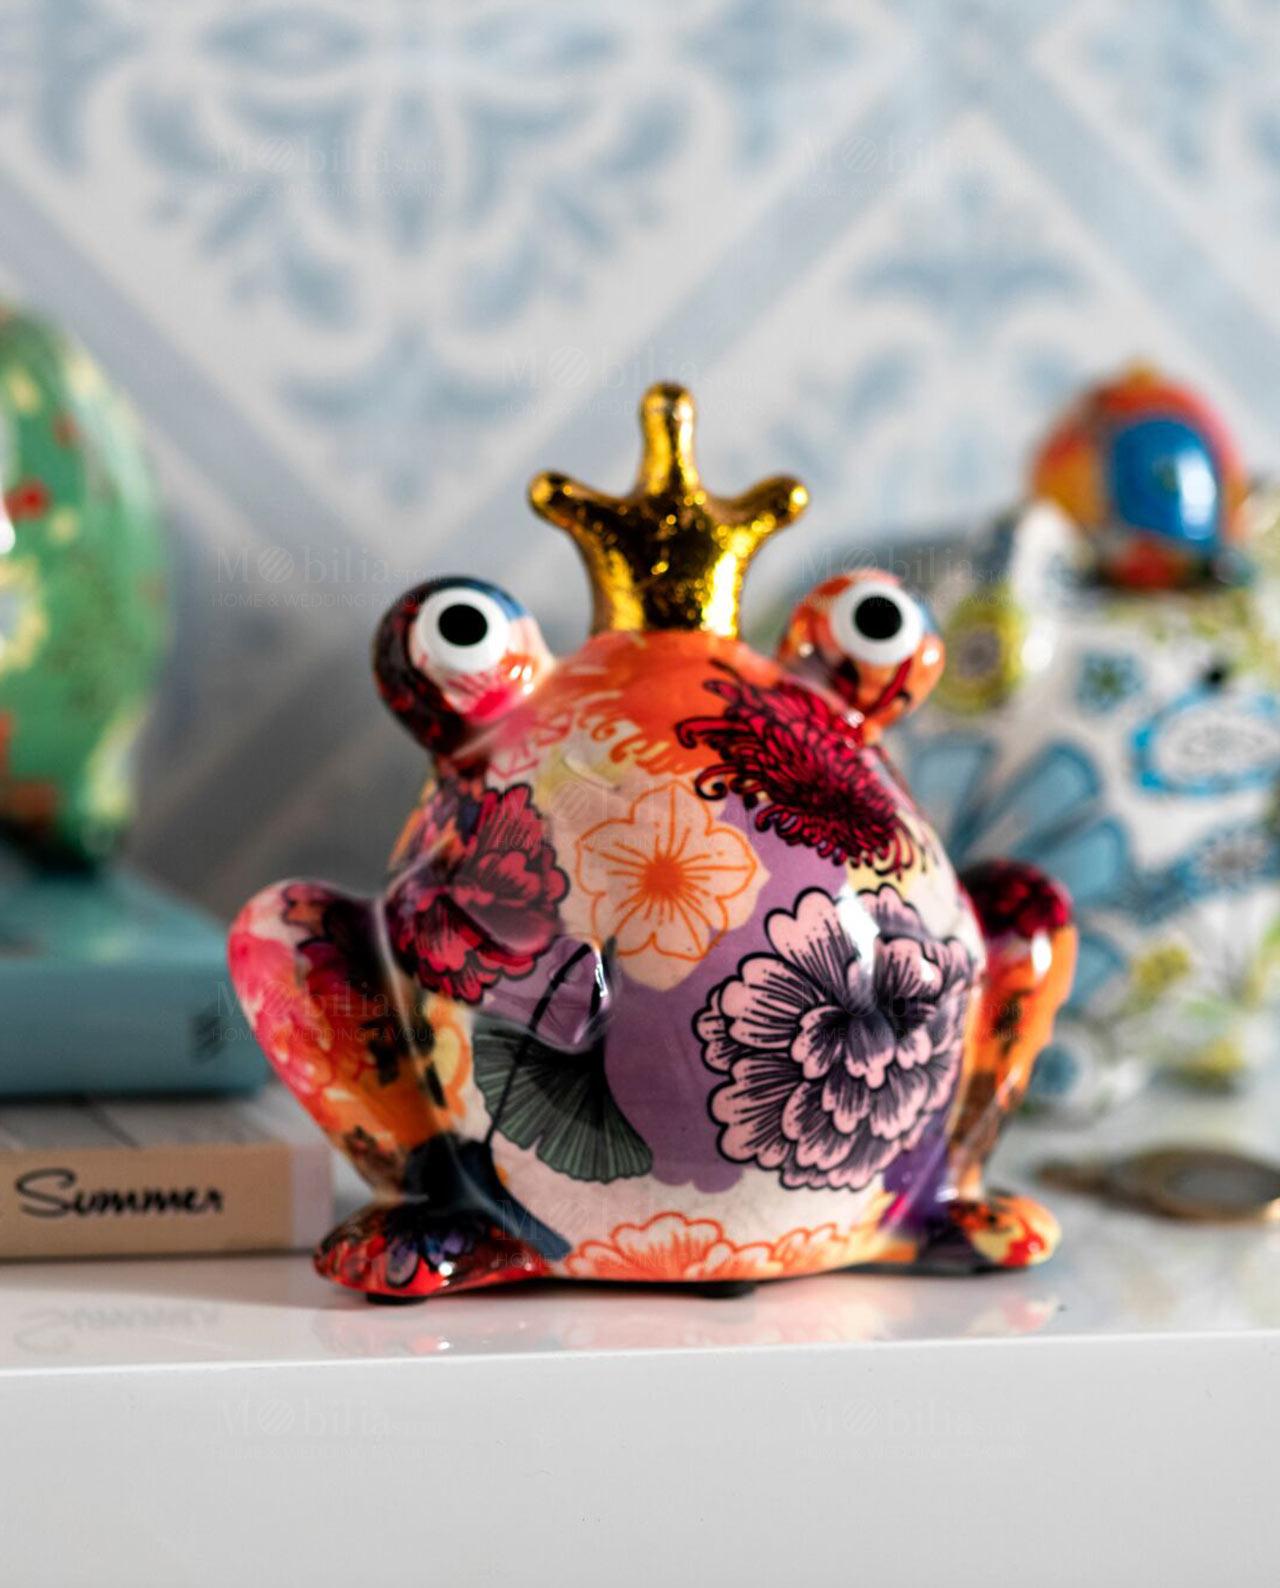 salvadenaio rana con corona brandani